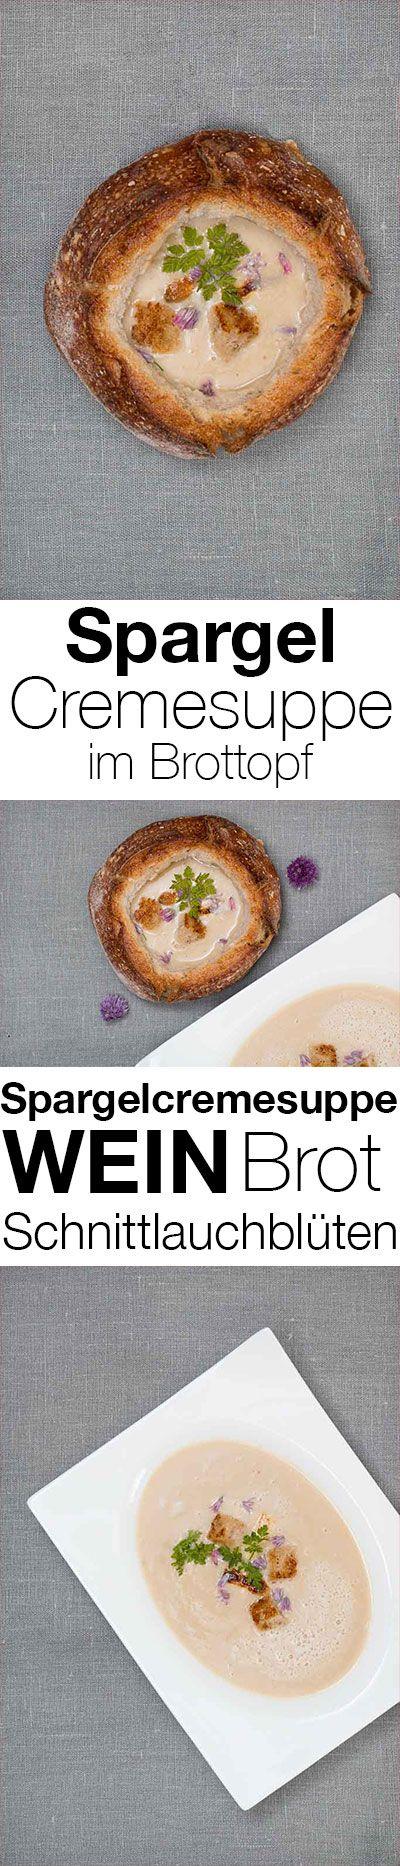 Spargelcremesuppe im Brottopf, Schnittlauchblüten und wo man authentische Streetfood Festivals bei gutem Wein feiert.